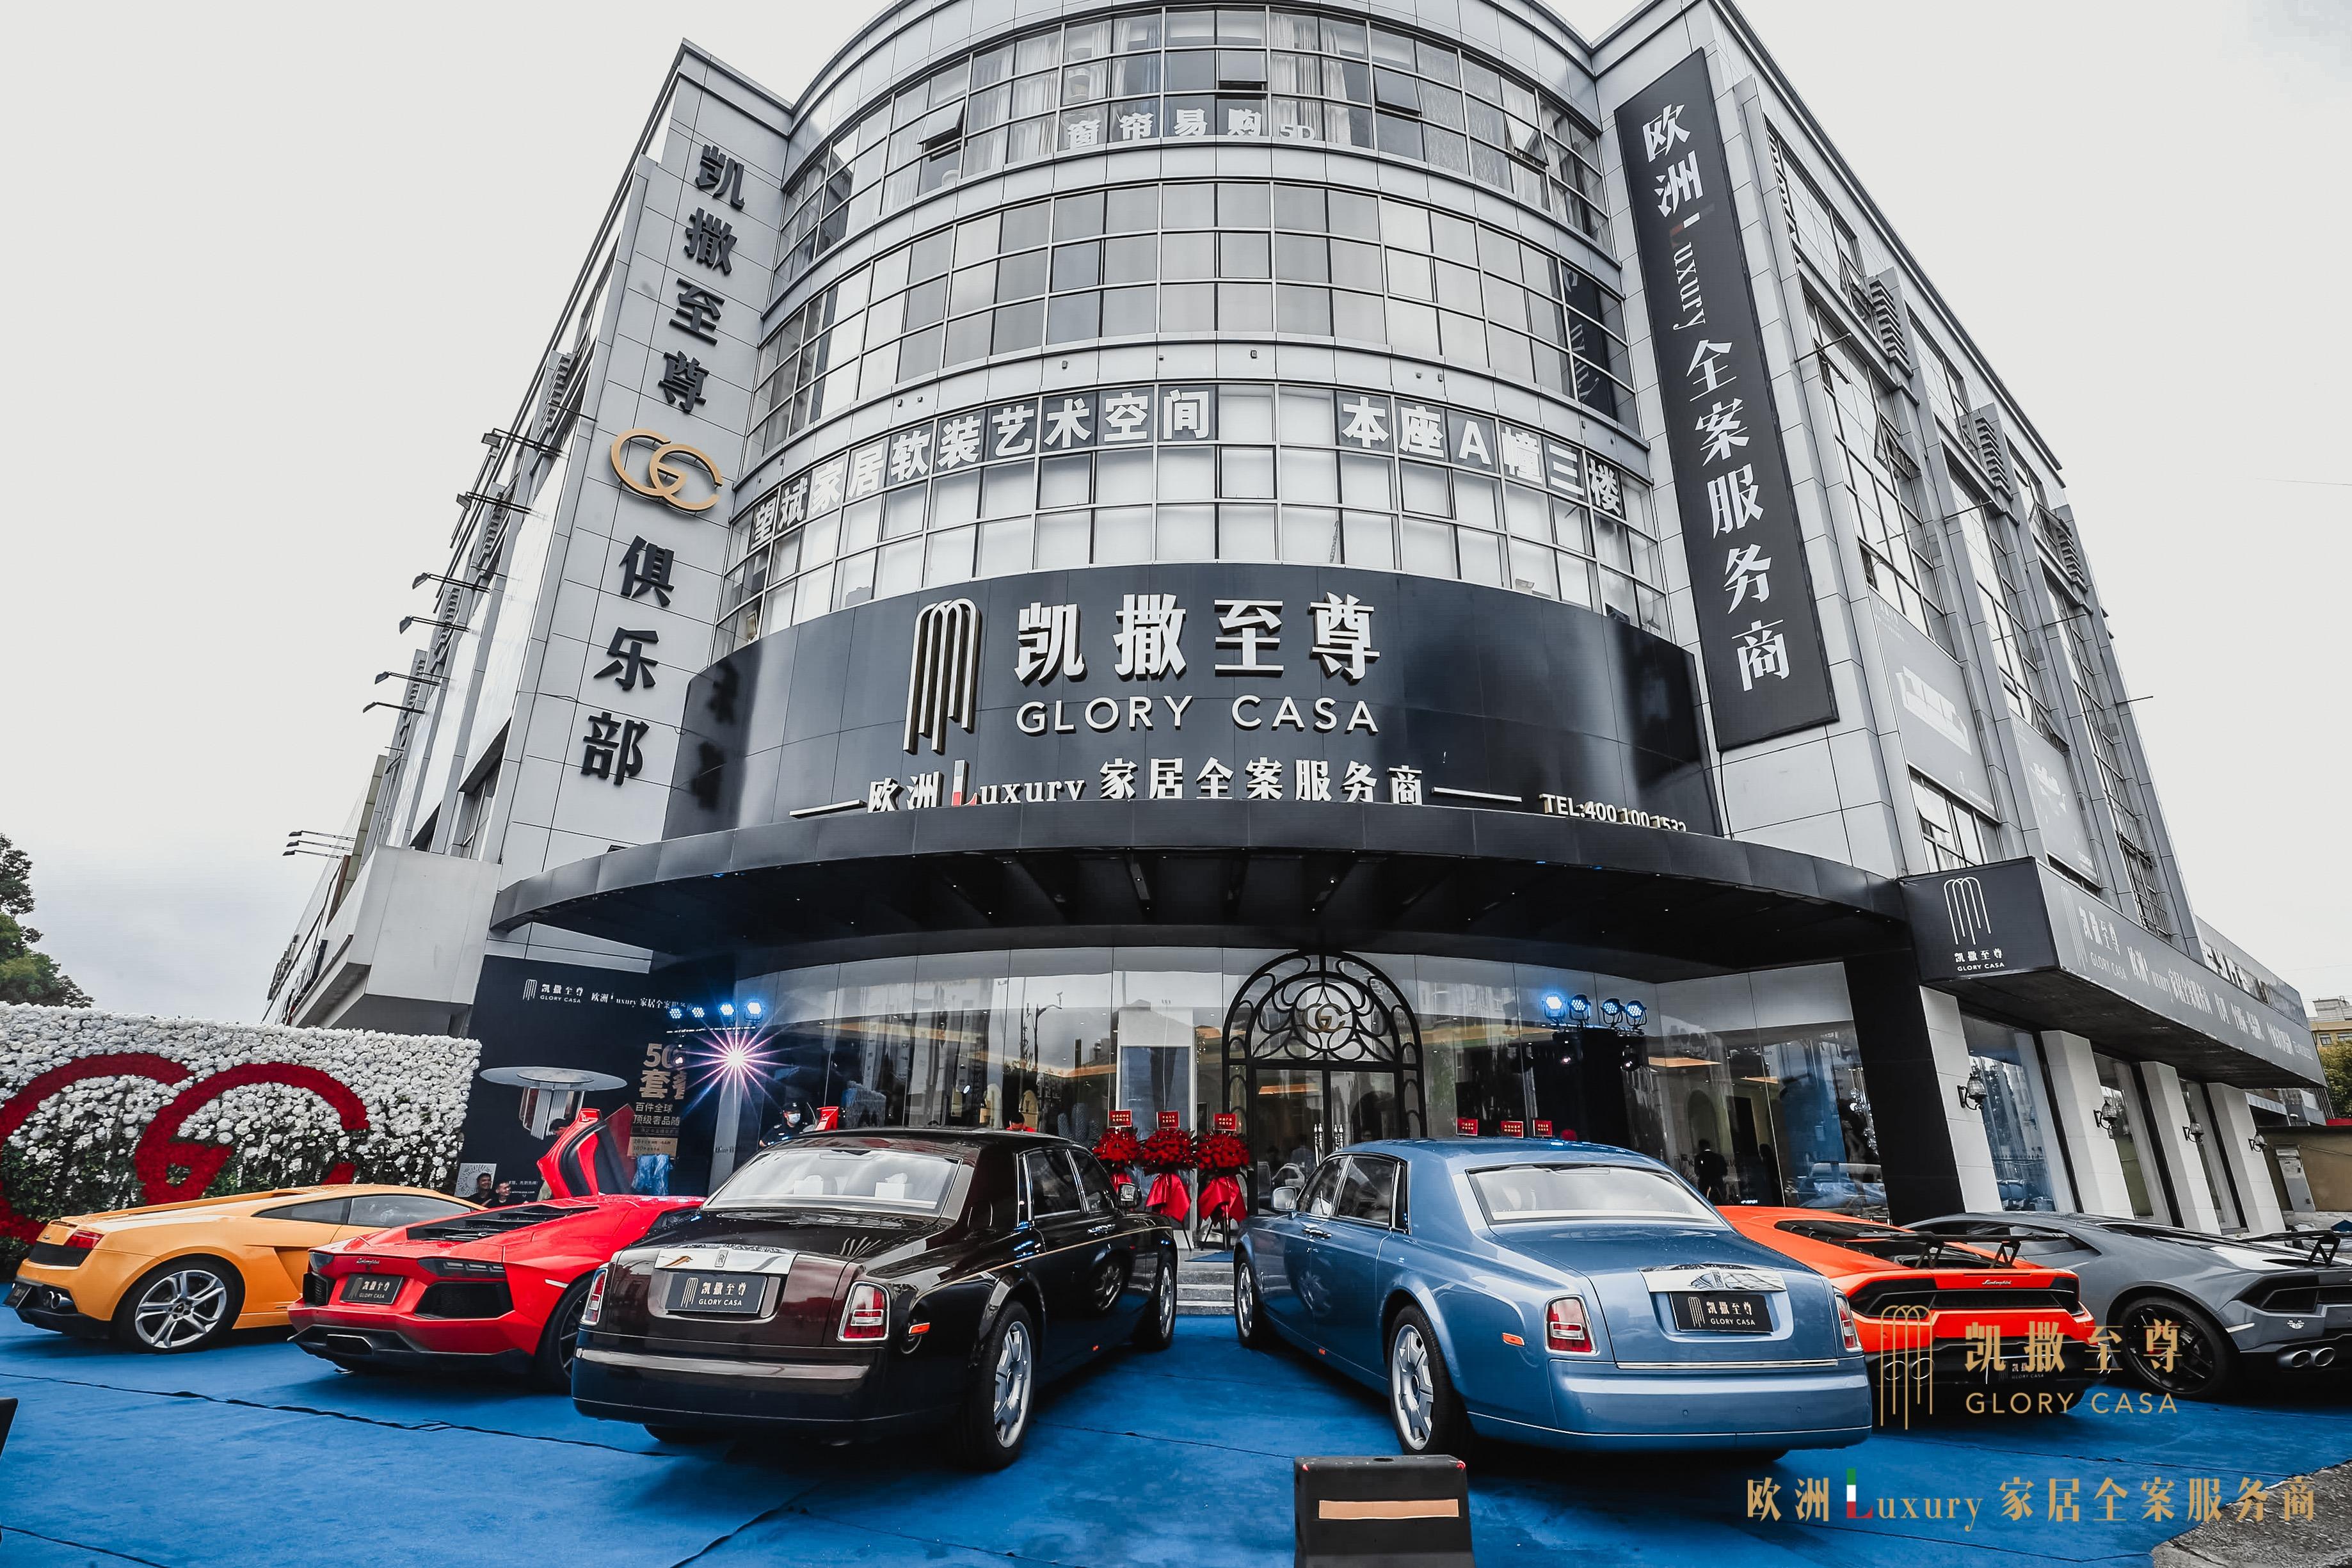 紅星美凱龍凱撒至尊上海GC俱樂部華麗啟幕